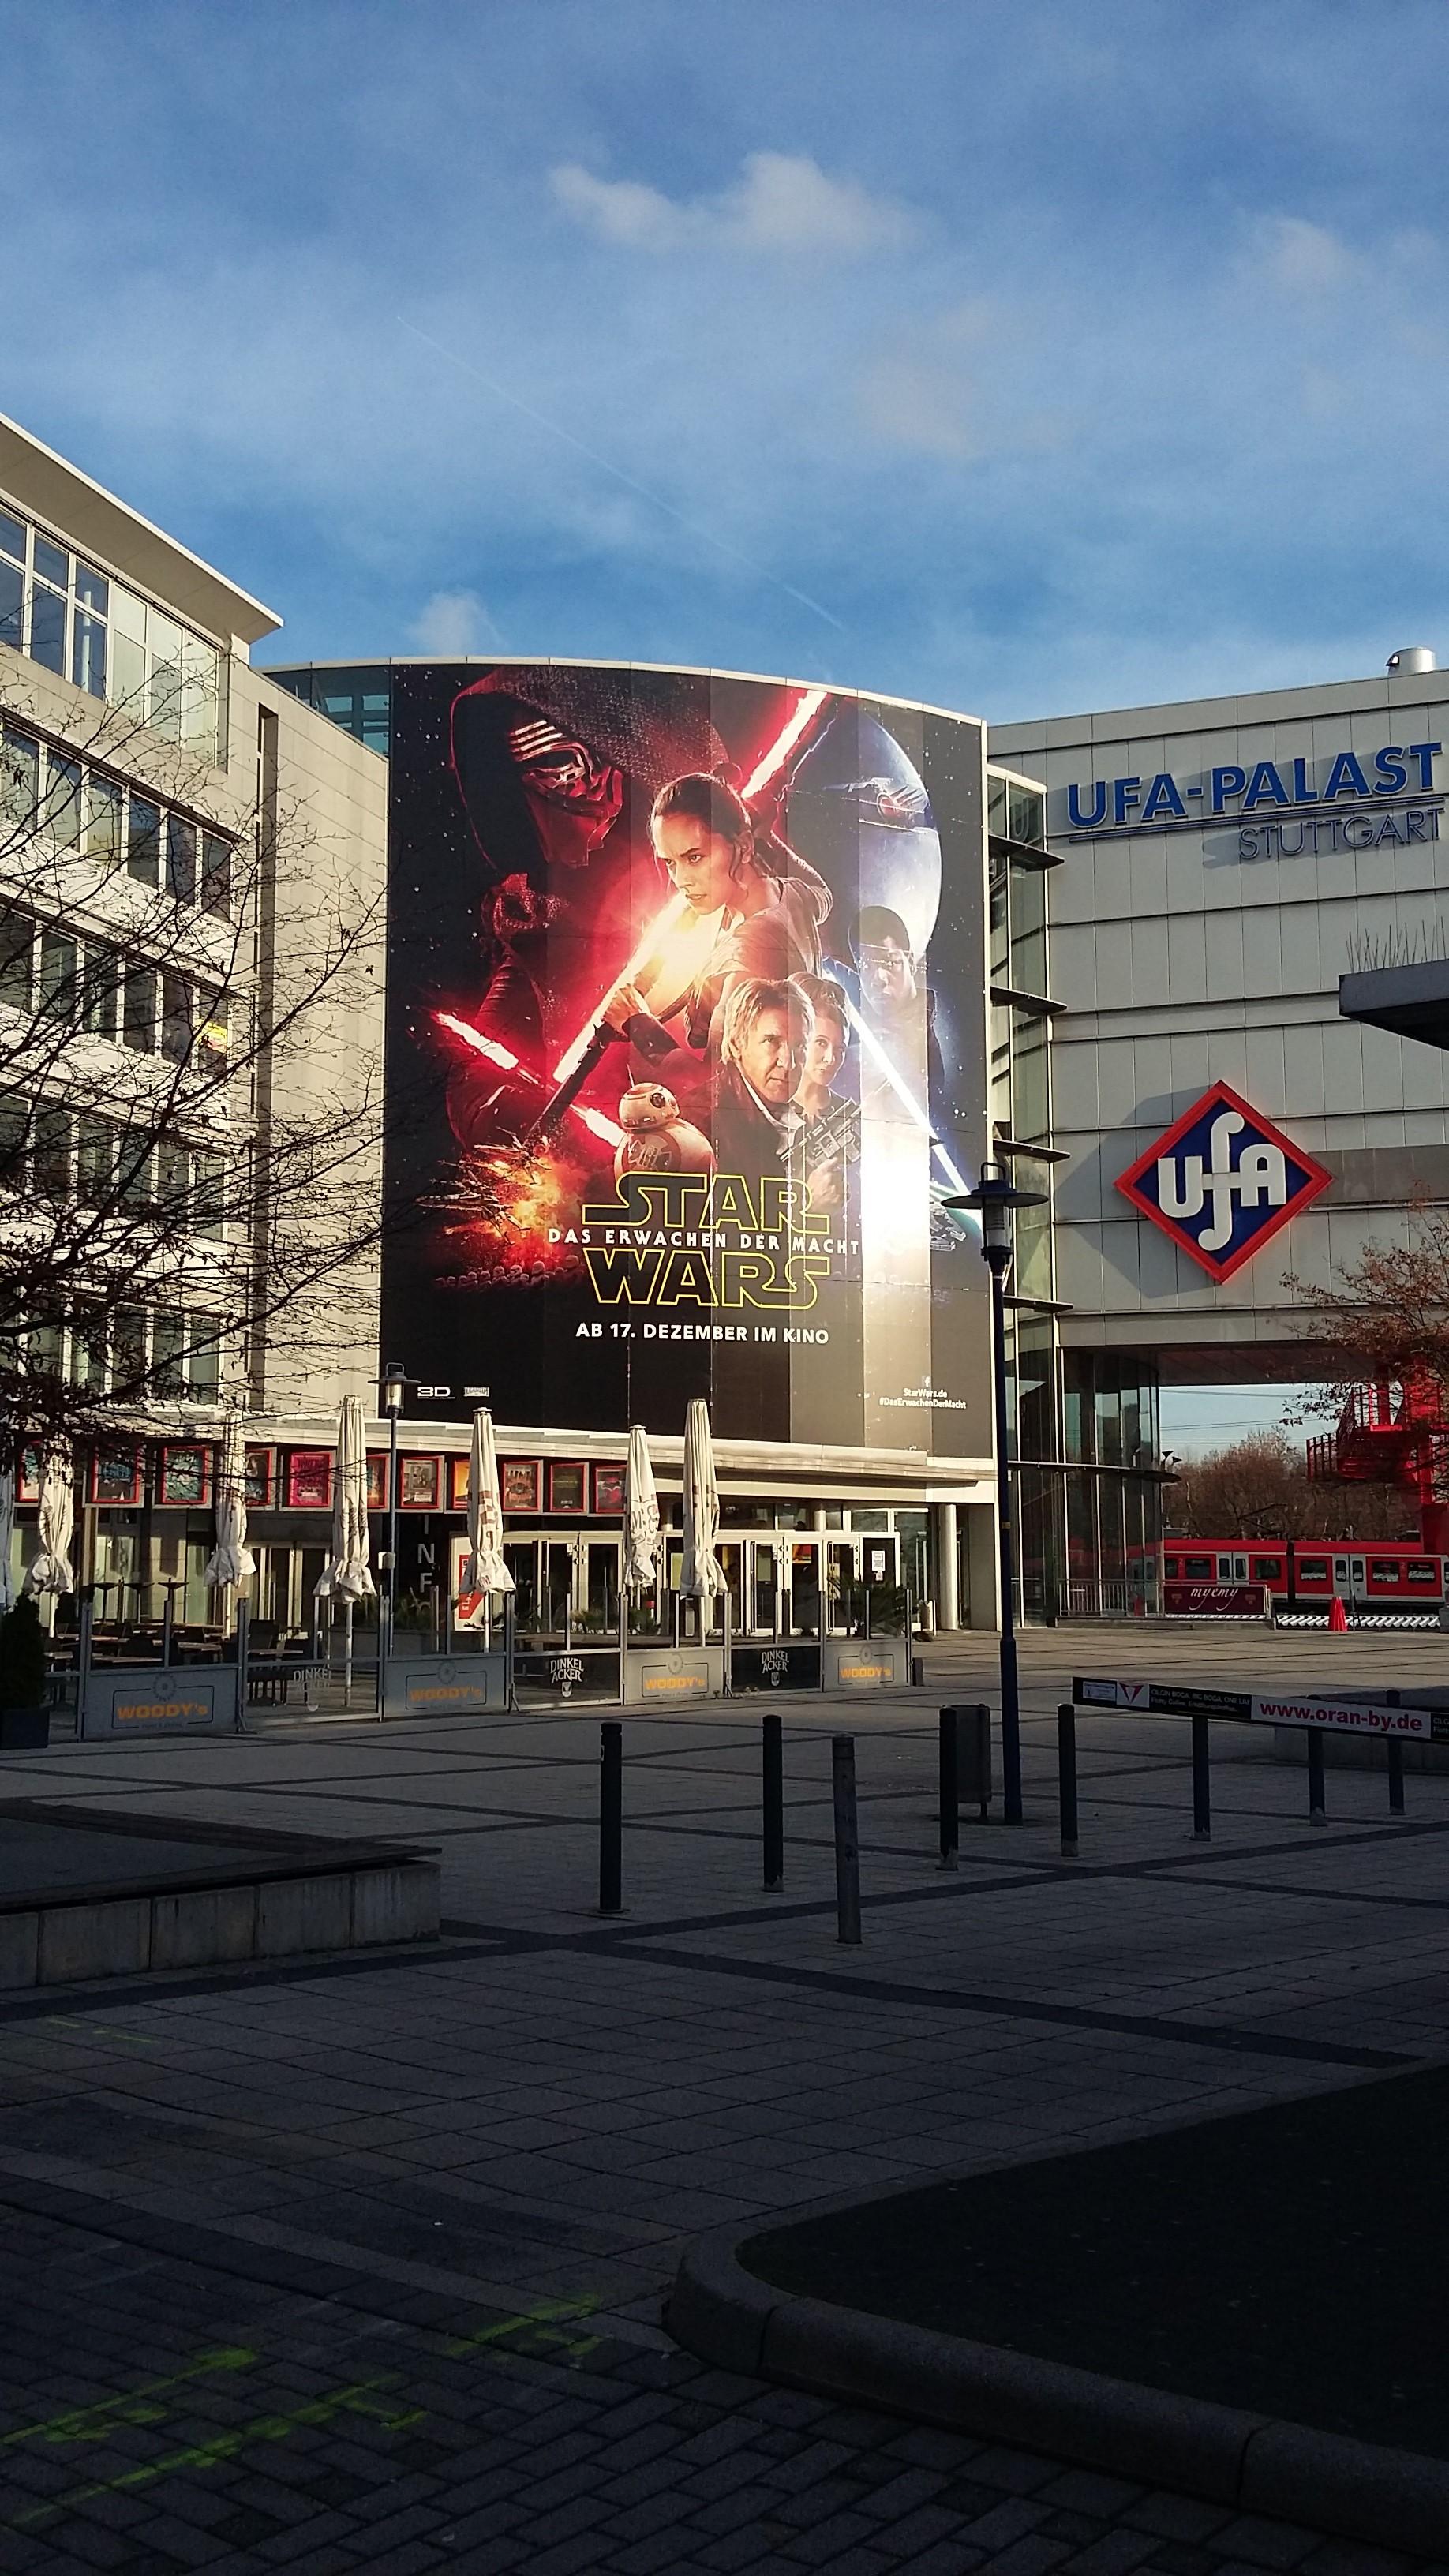 Kino.Stuttgart